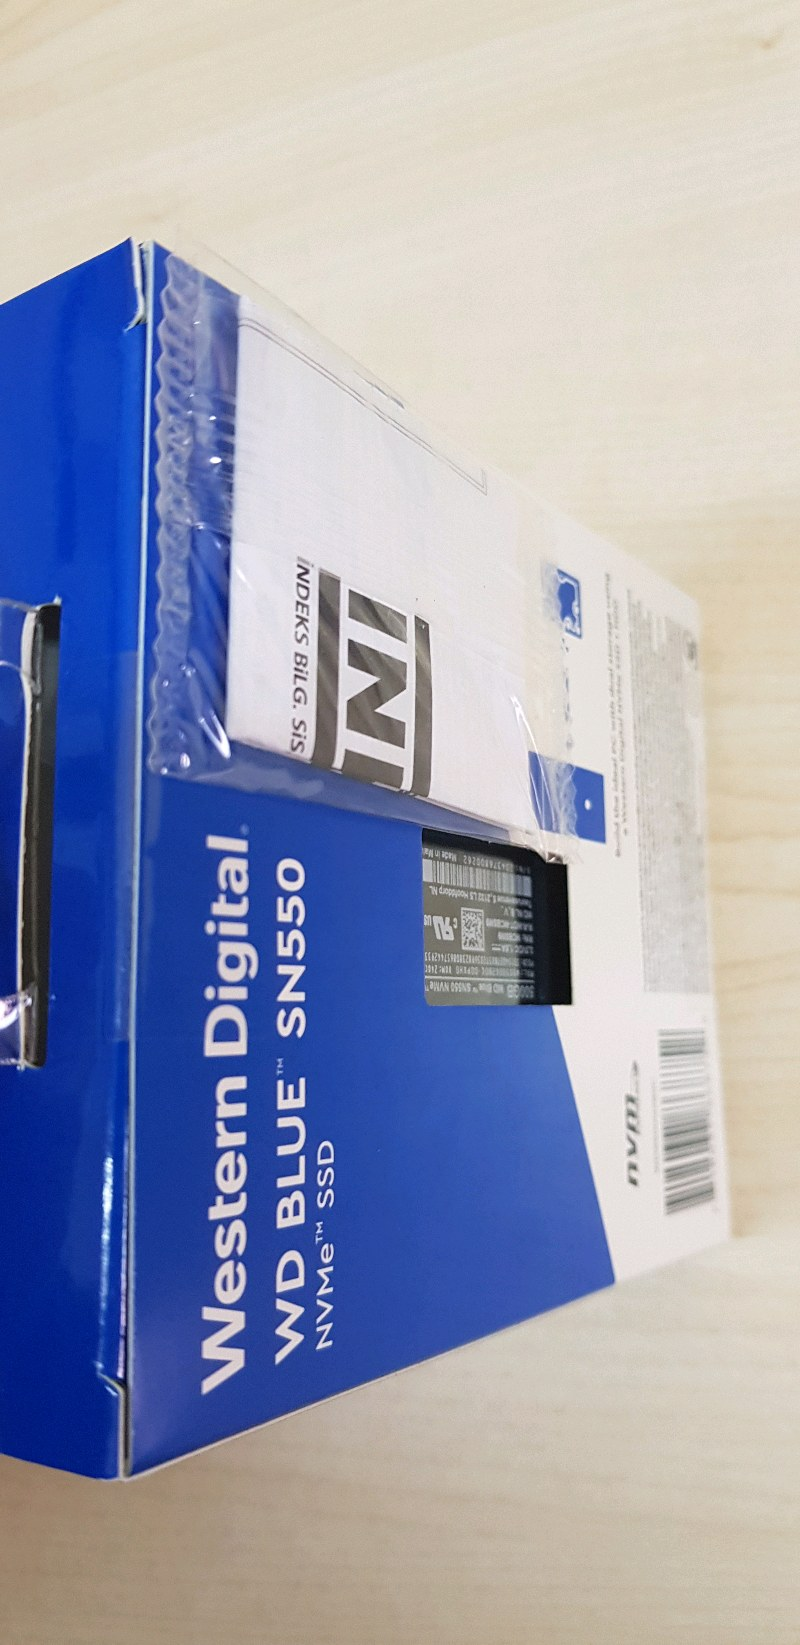 WD SN550 500 GB SSD